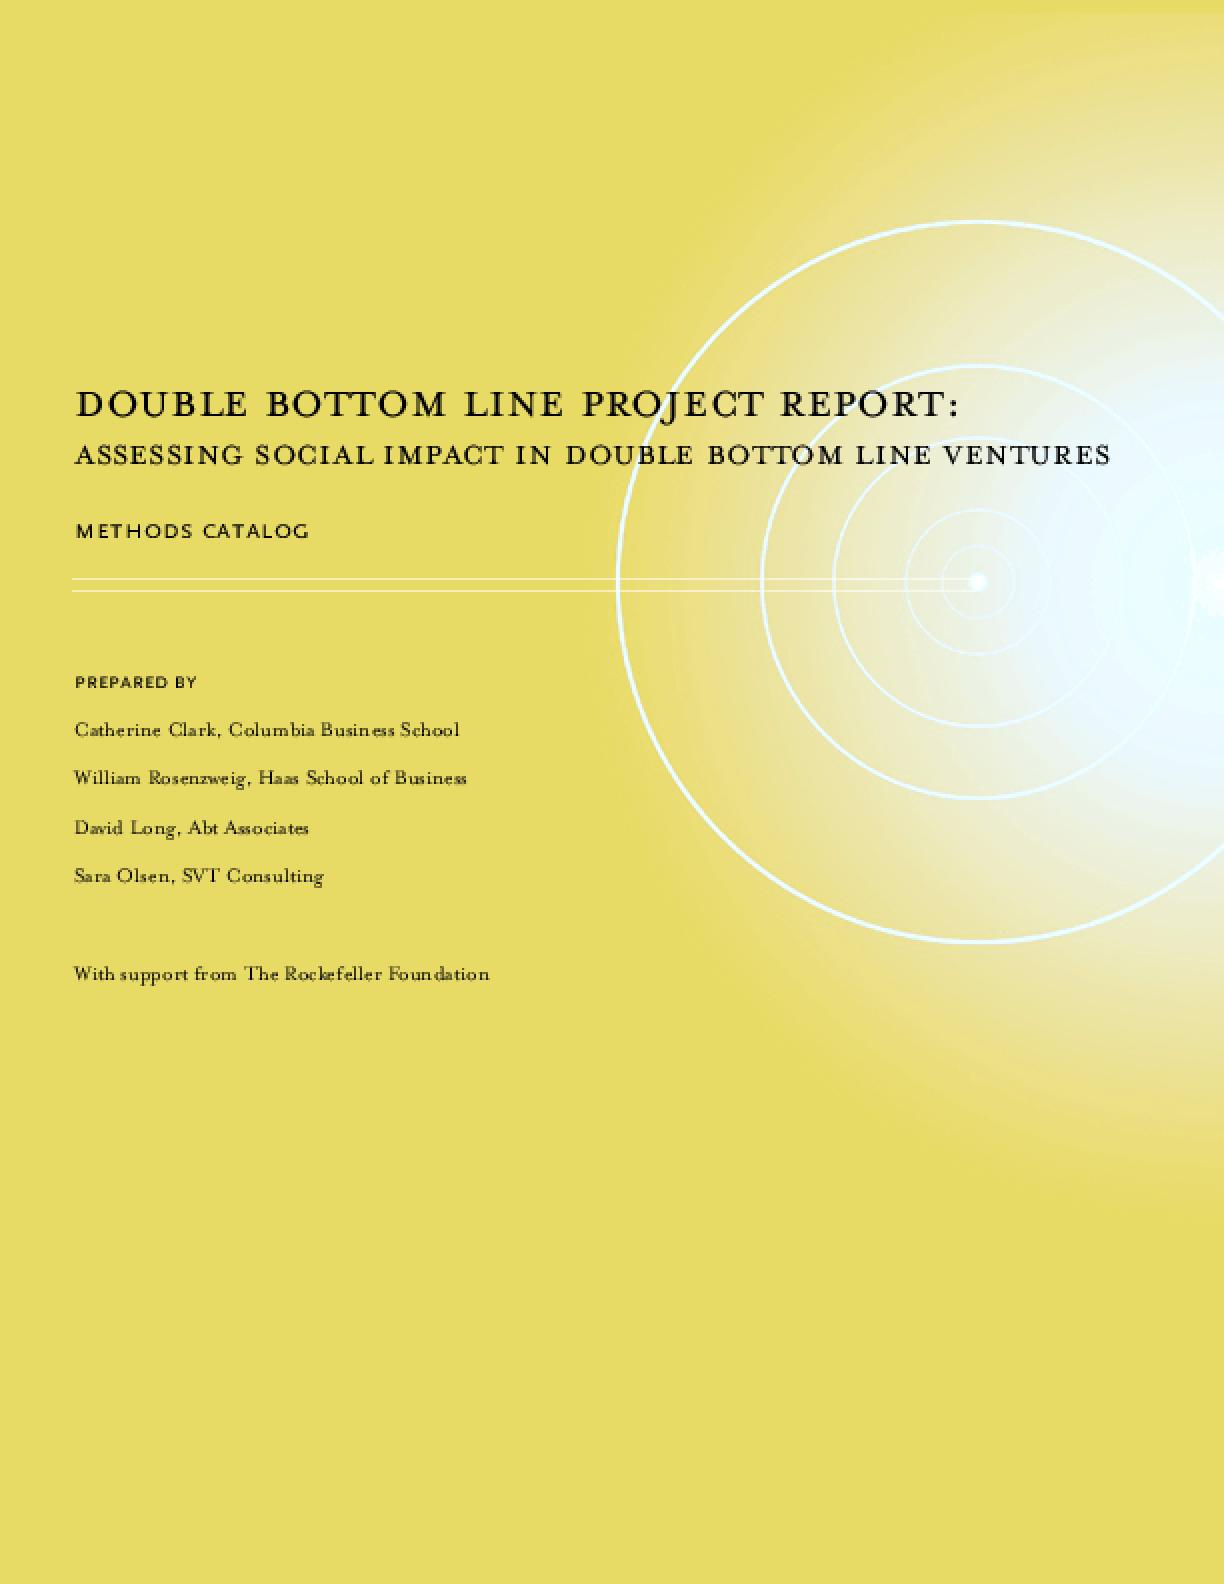 Double Bottom Line Progress Report: Assessing Social Impact in Double Bottom Line Ventures, Methods Catalog